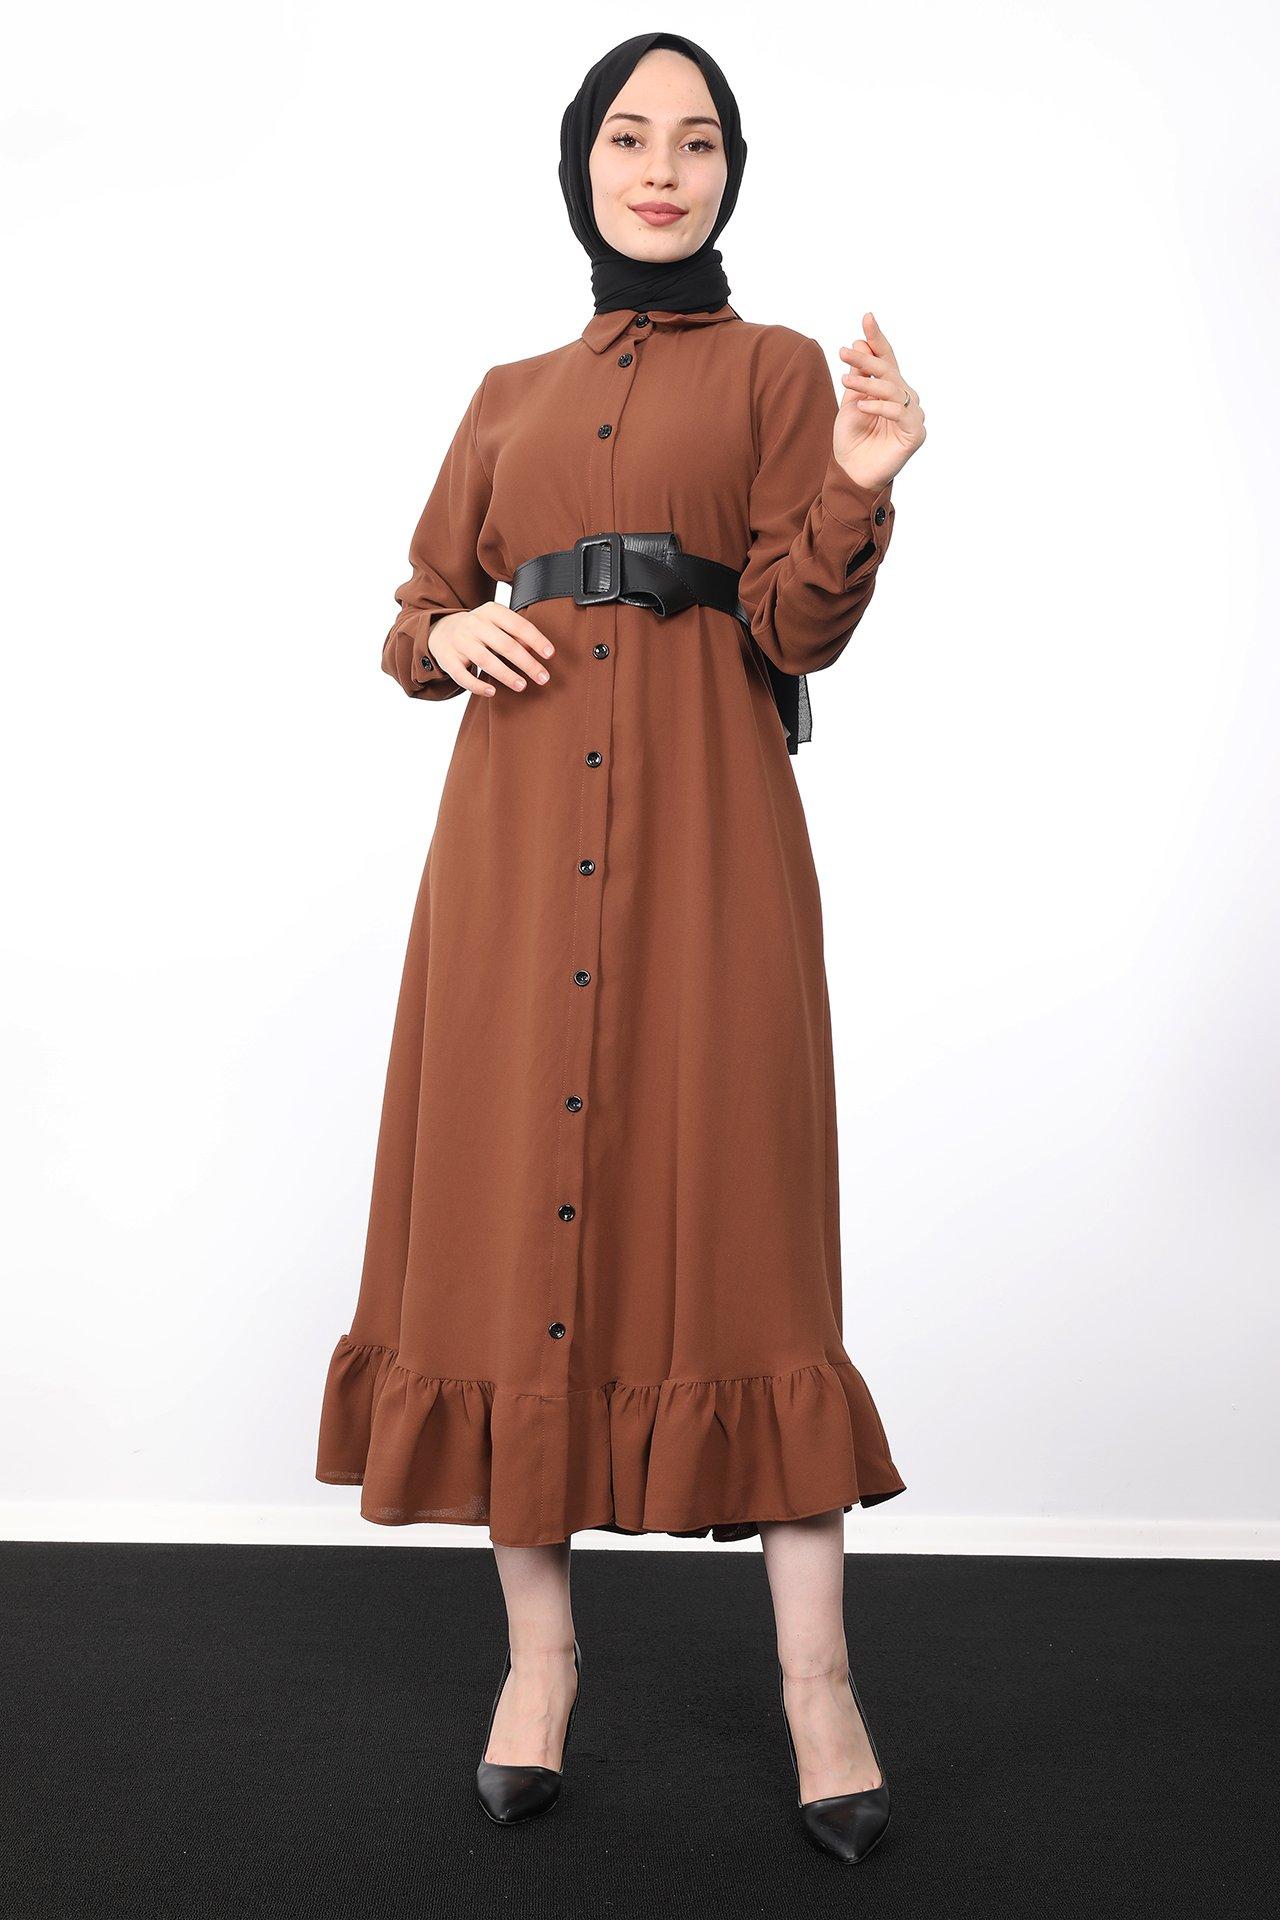 GİZAGİYİM - Altı Fırfırlı Düğmeli Tesettür Elbise Kahve